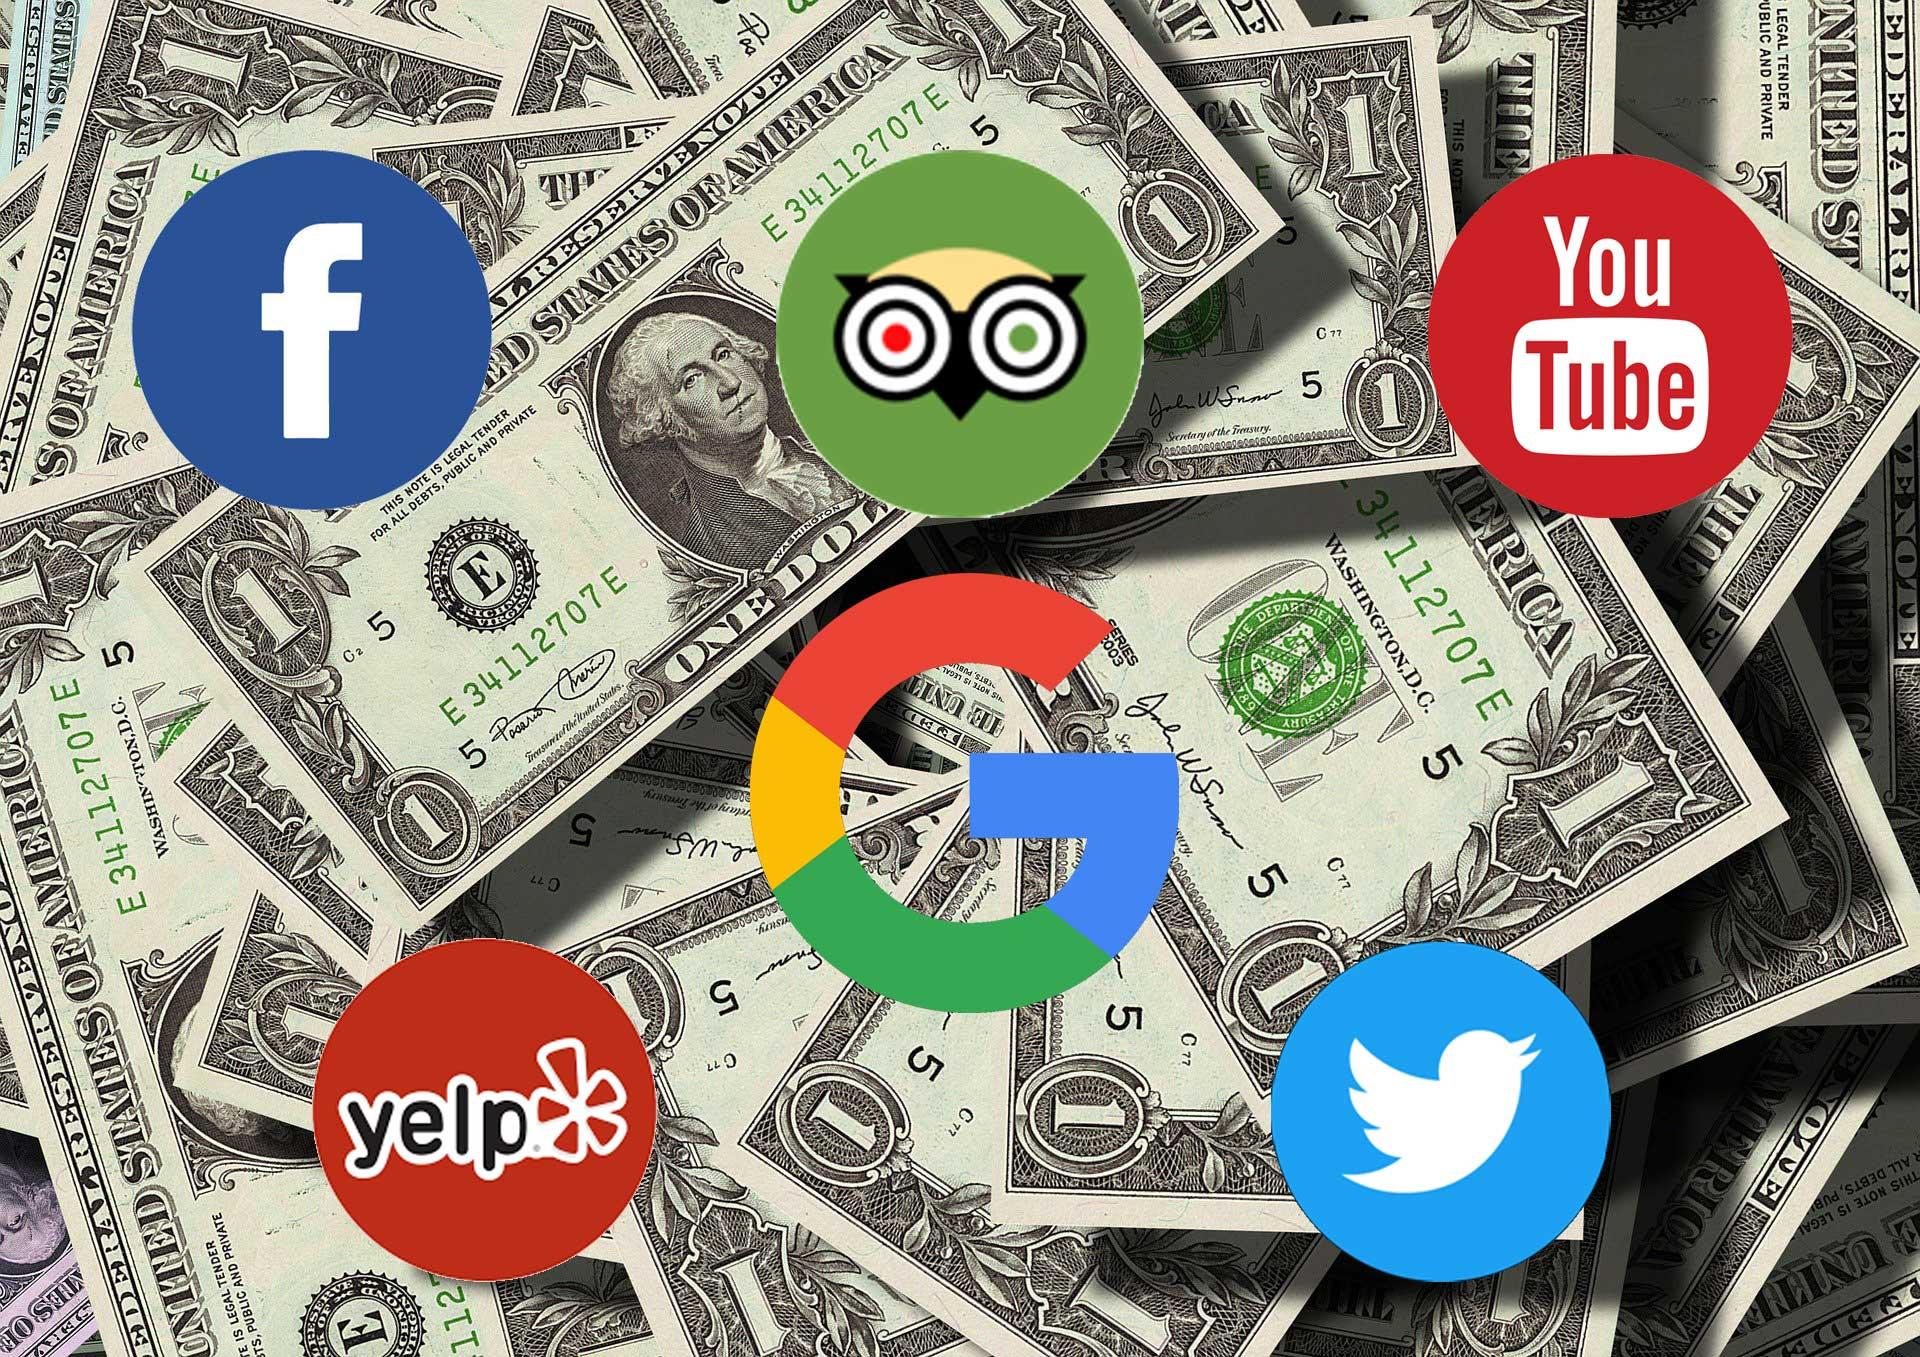 Revenue Management Meets Social Media